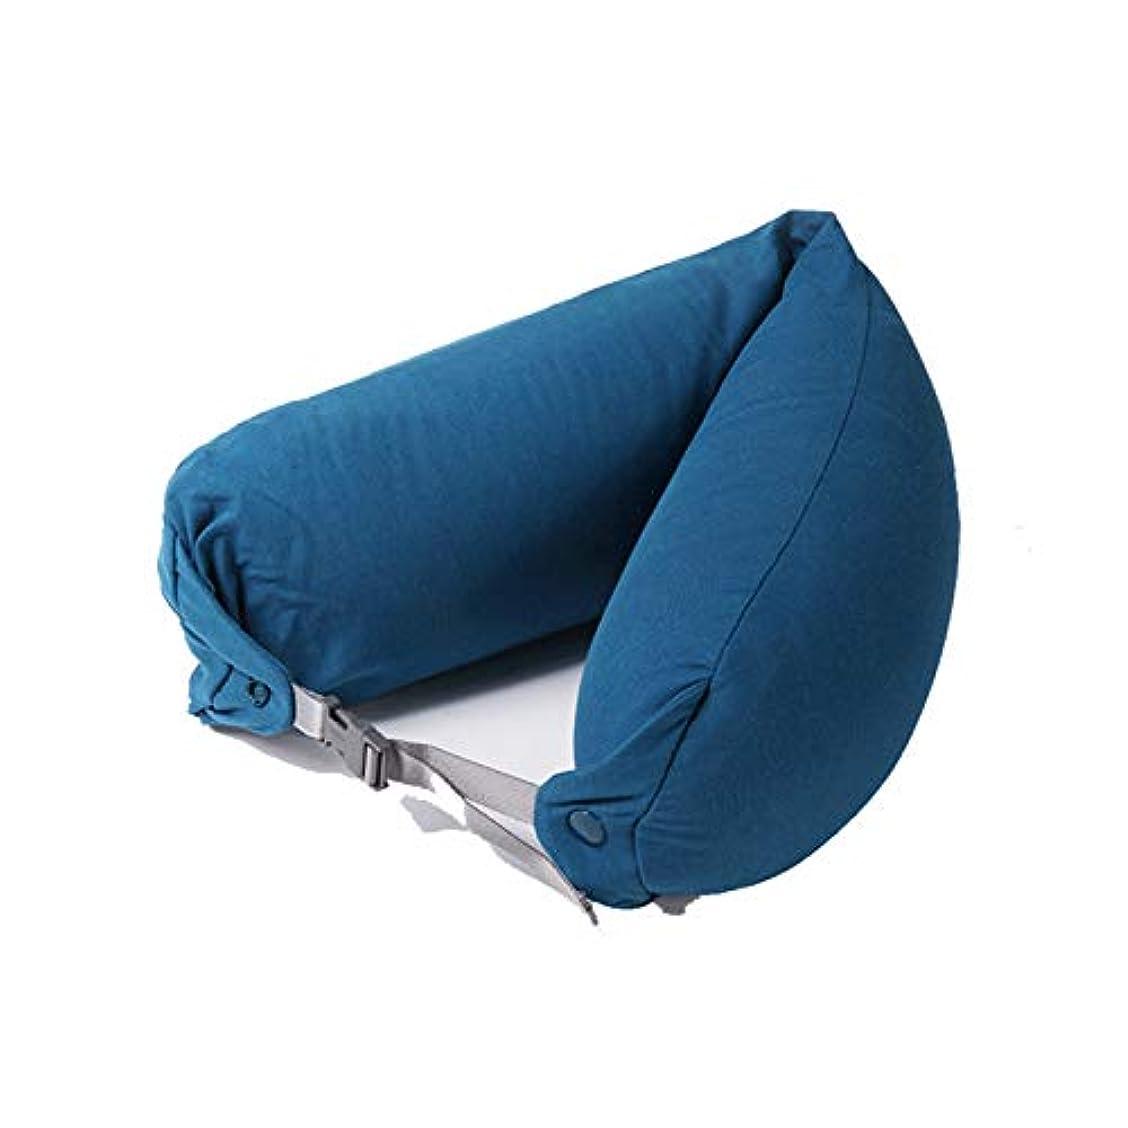 答えちらつきメールSMART ホームオフィス背もたれ椅子腰椎クッションカーシートネック枕 3D 低反発サポートバックマッサージウエストレスリビング枕 クッション 椅子